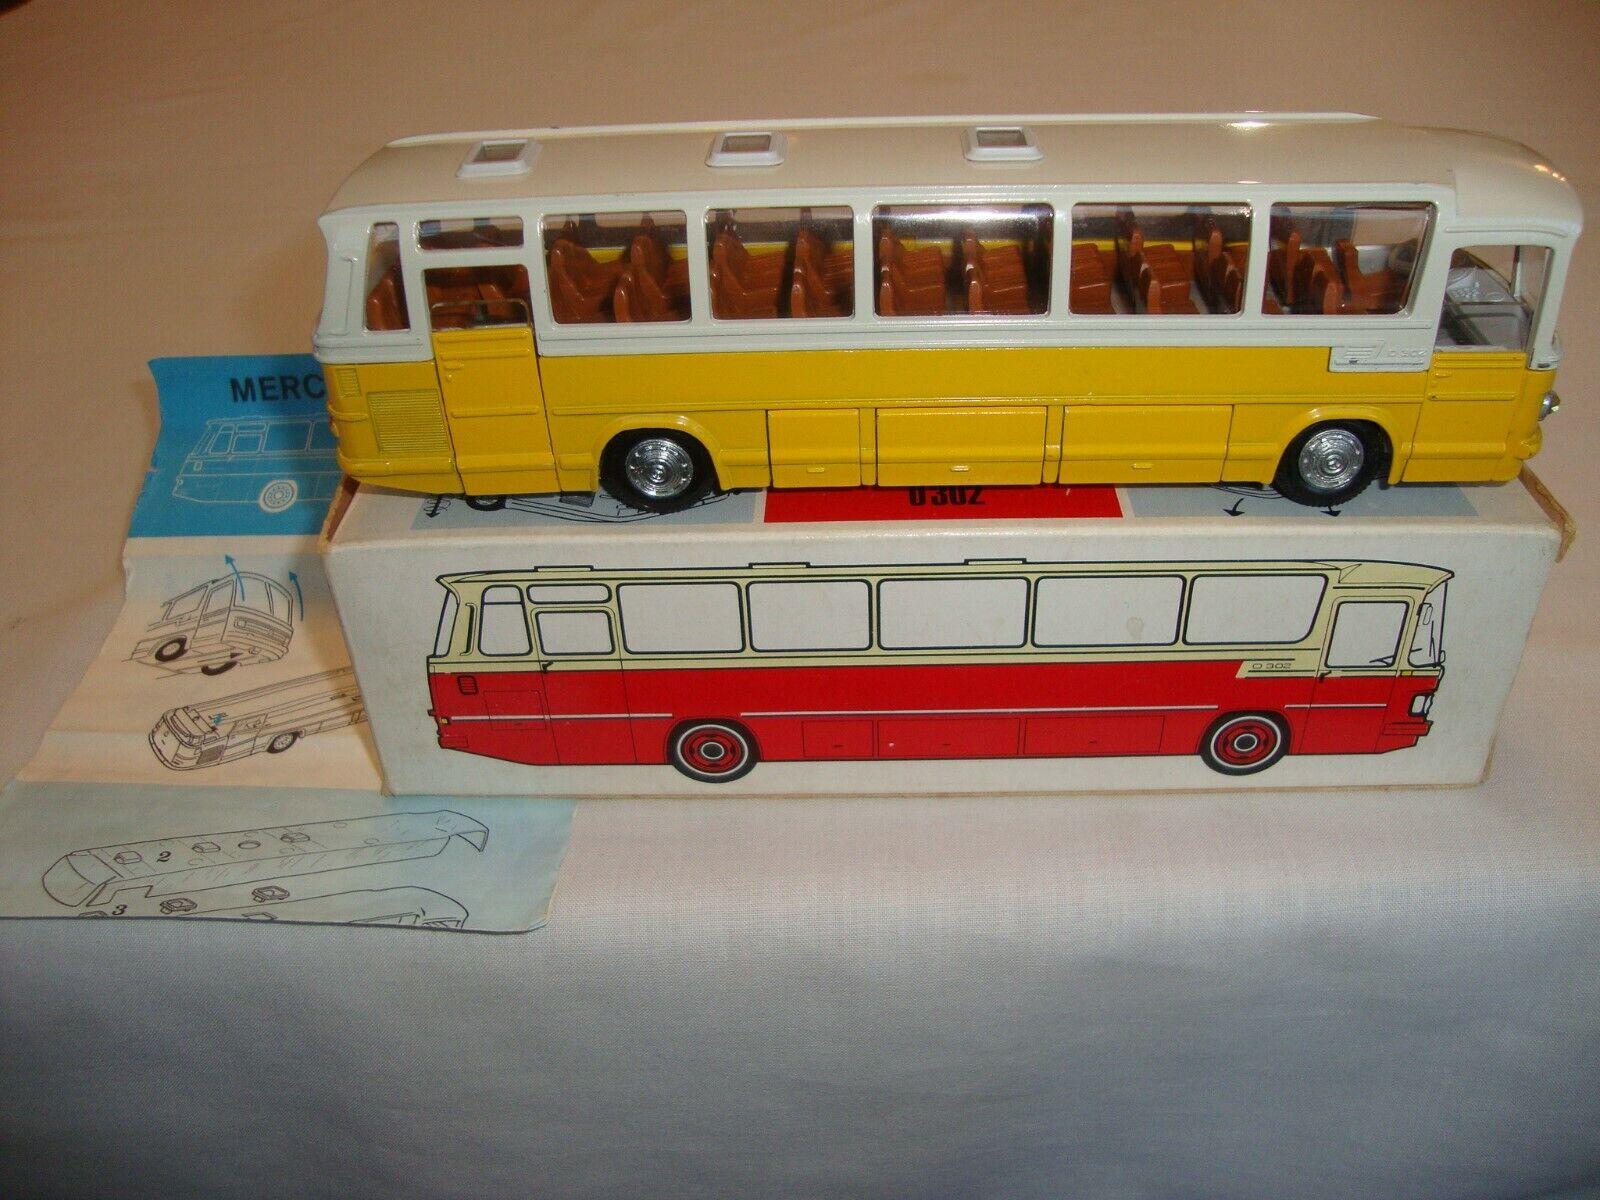 KIRK (TEKNO) 950 MERCEDES BENZ buss 0302 - EXCELLENT I original SbilCE låda